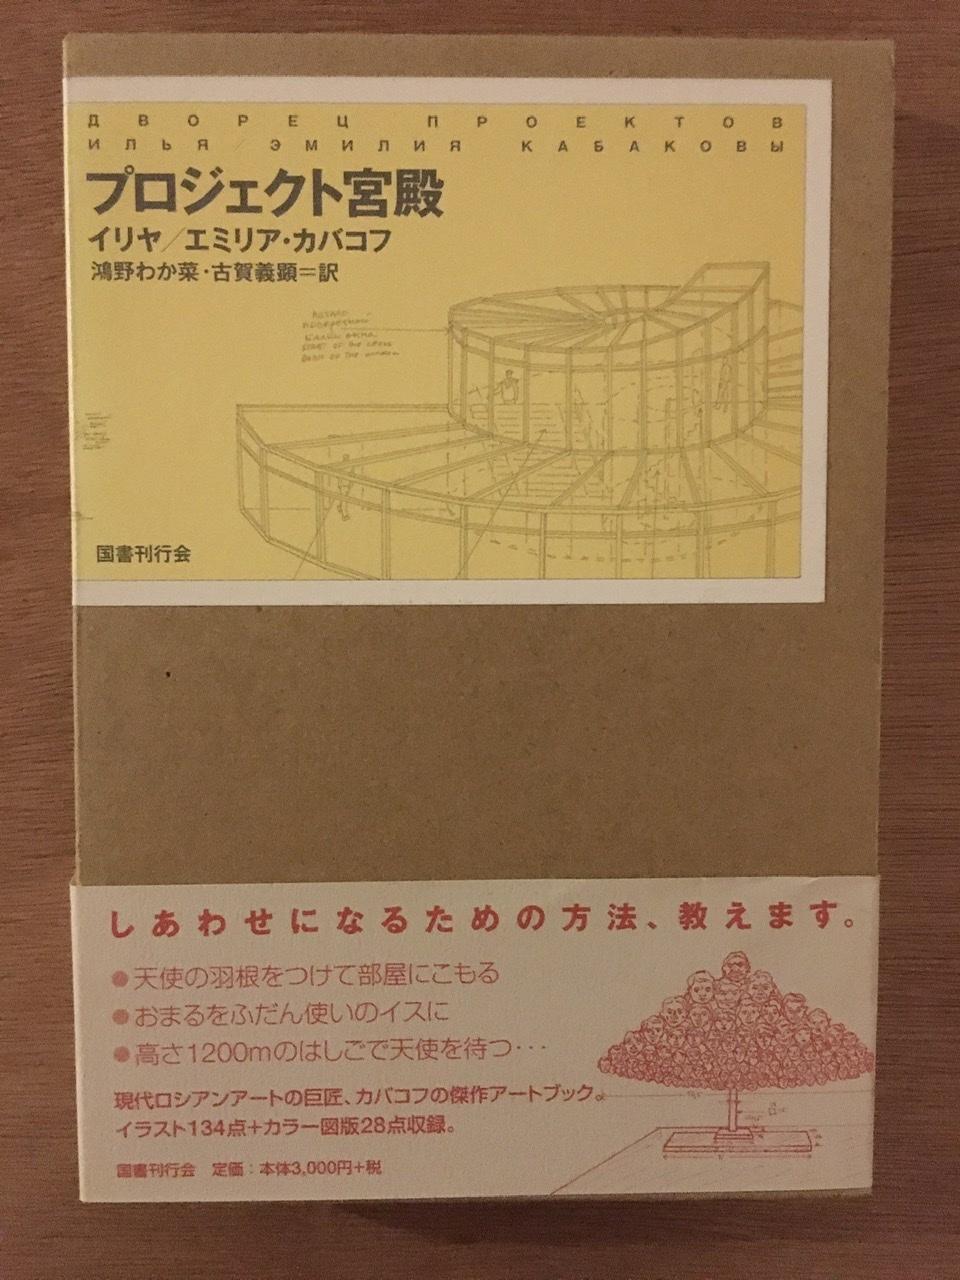 夜空文庫 -『プロジェクト宮殿』によせて_a0156417_23062515.jpeg